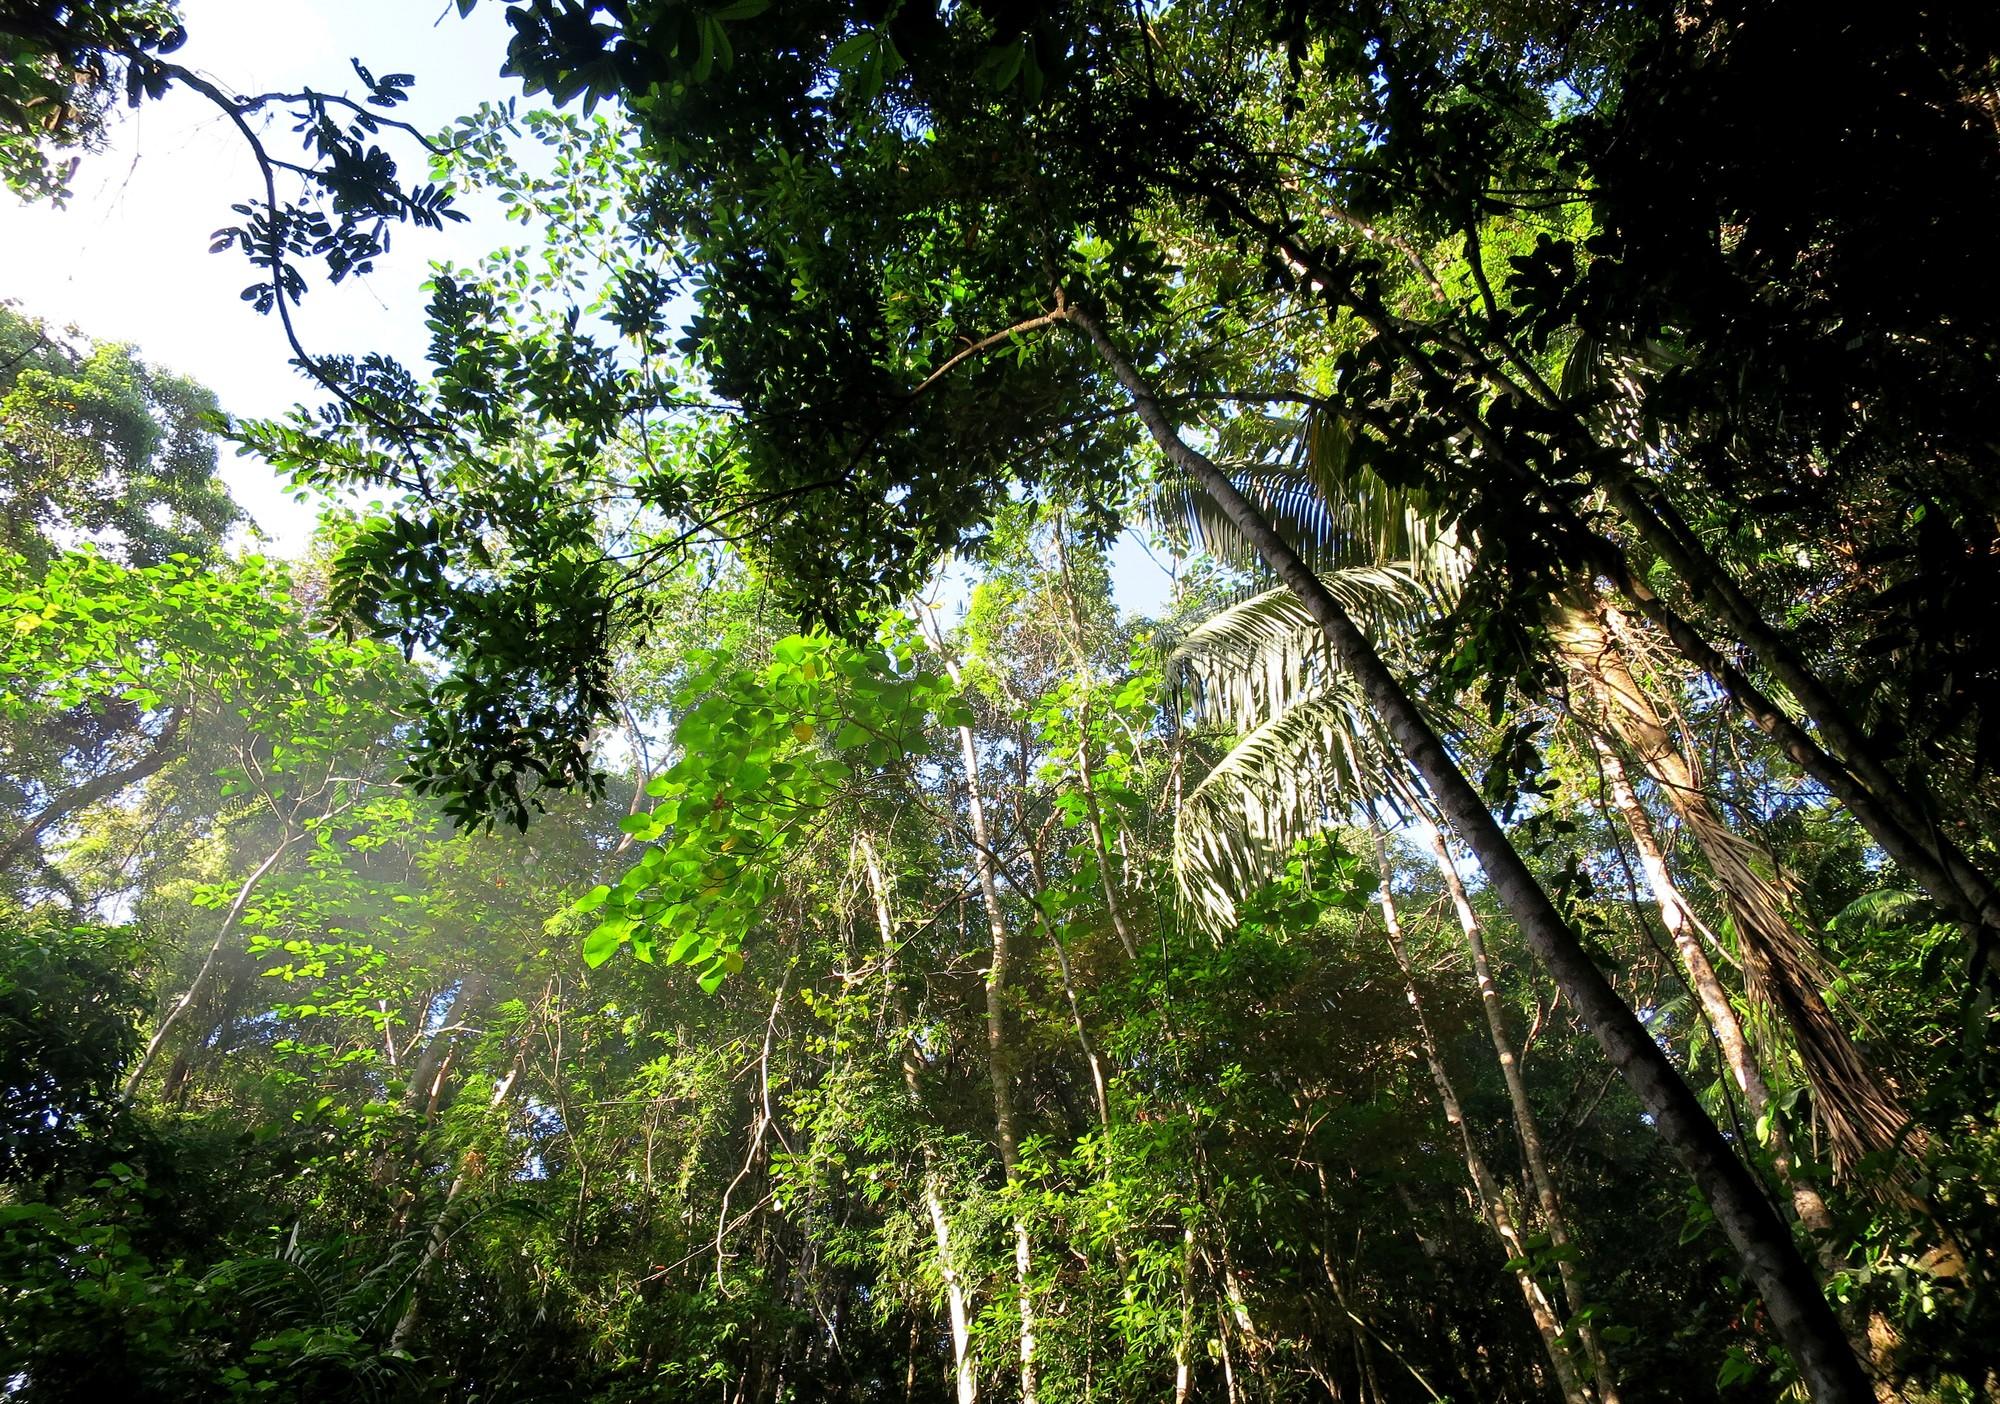 Aux Philippines, tous les étudiants doivent planter 10 arbres avant leur diplôme